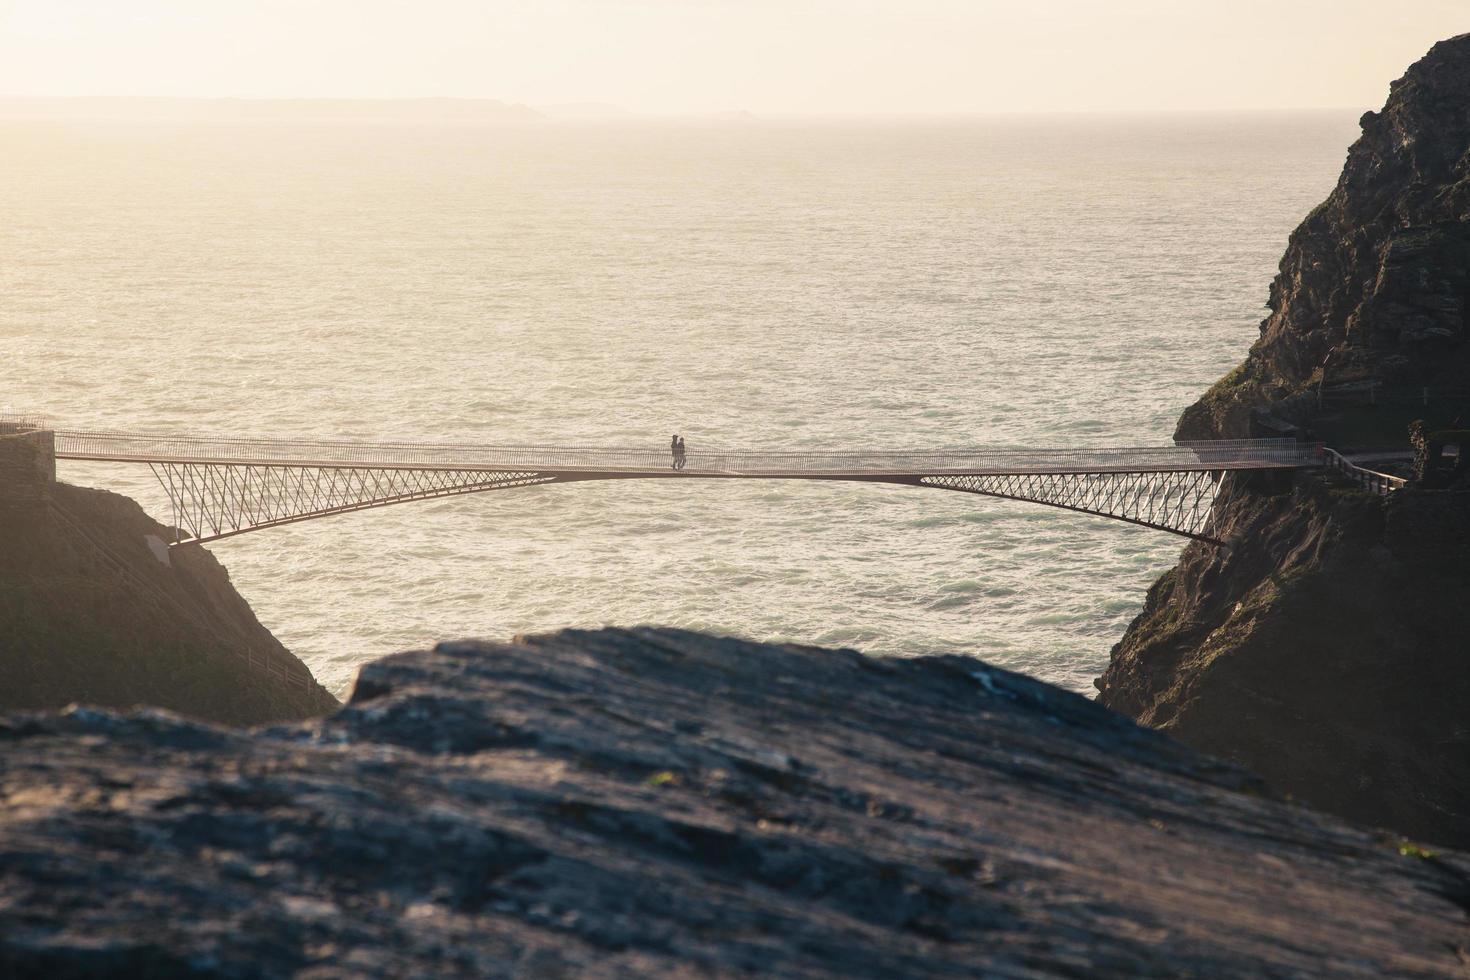 pessoas caminhando em uma ponte na hora de ouro foto